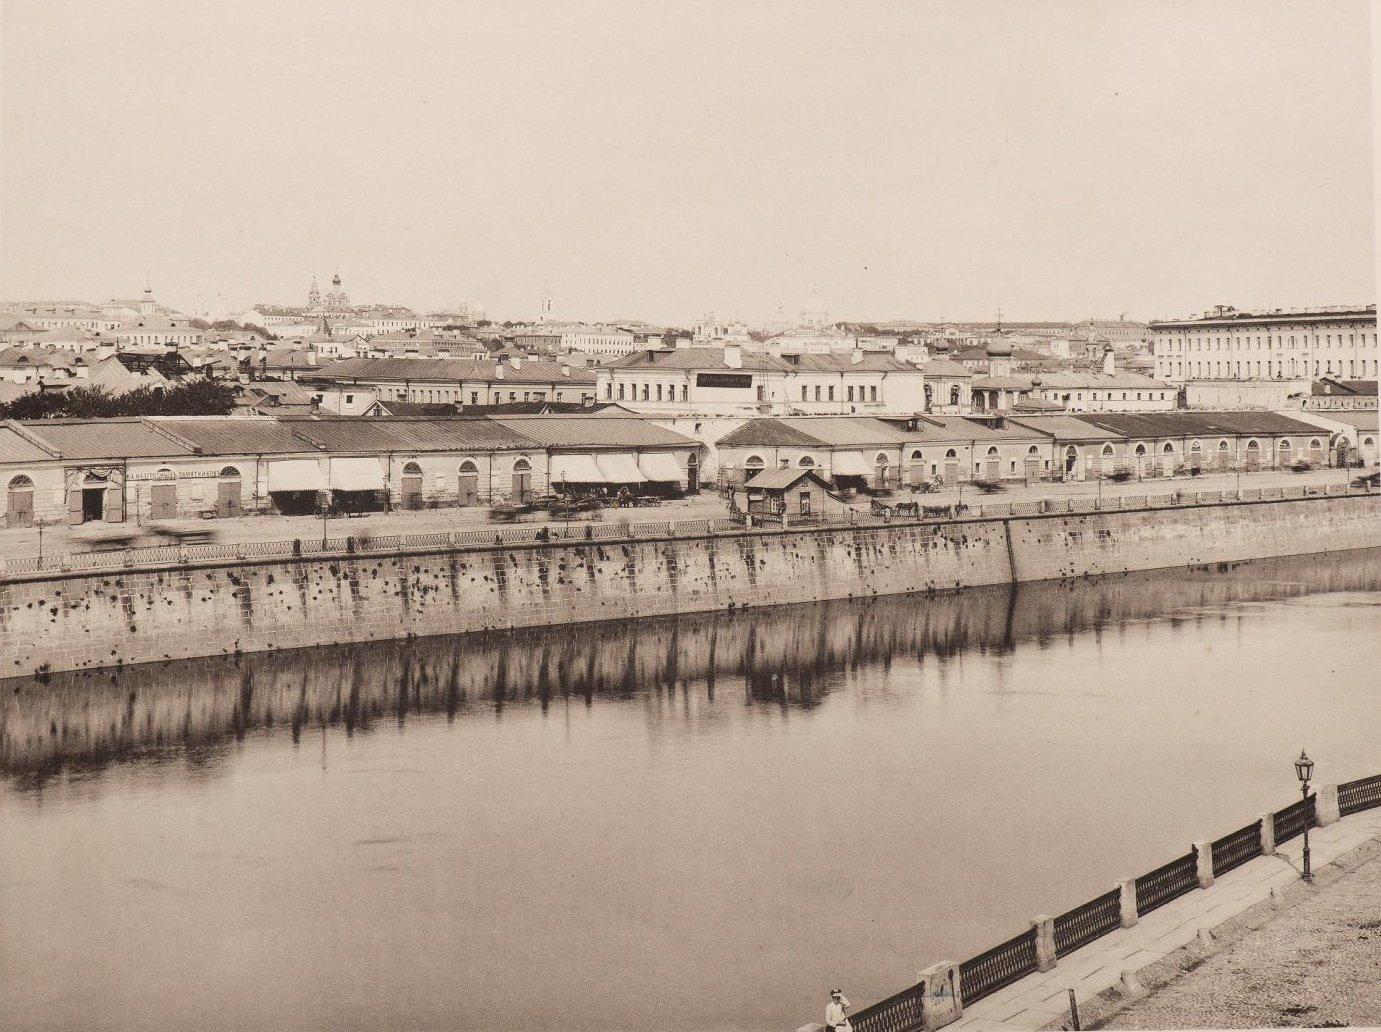 Вид Китай-города и Москворецкой набережной из Замоскворечья. 1888